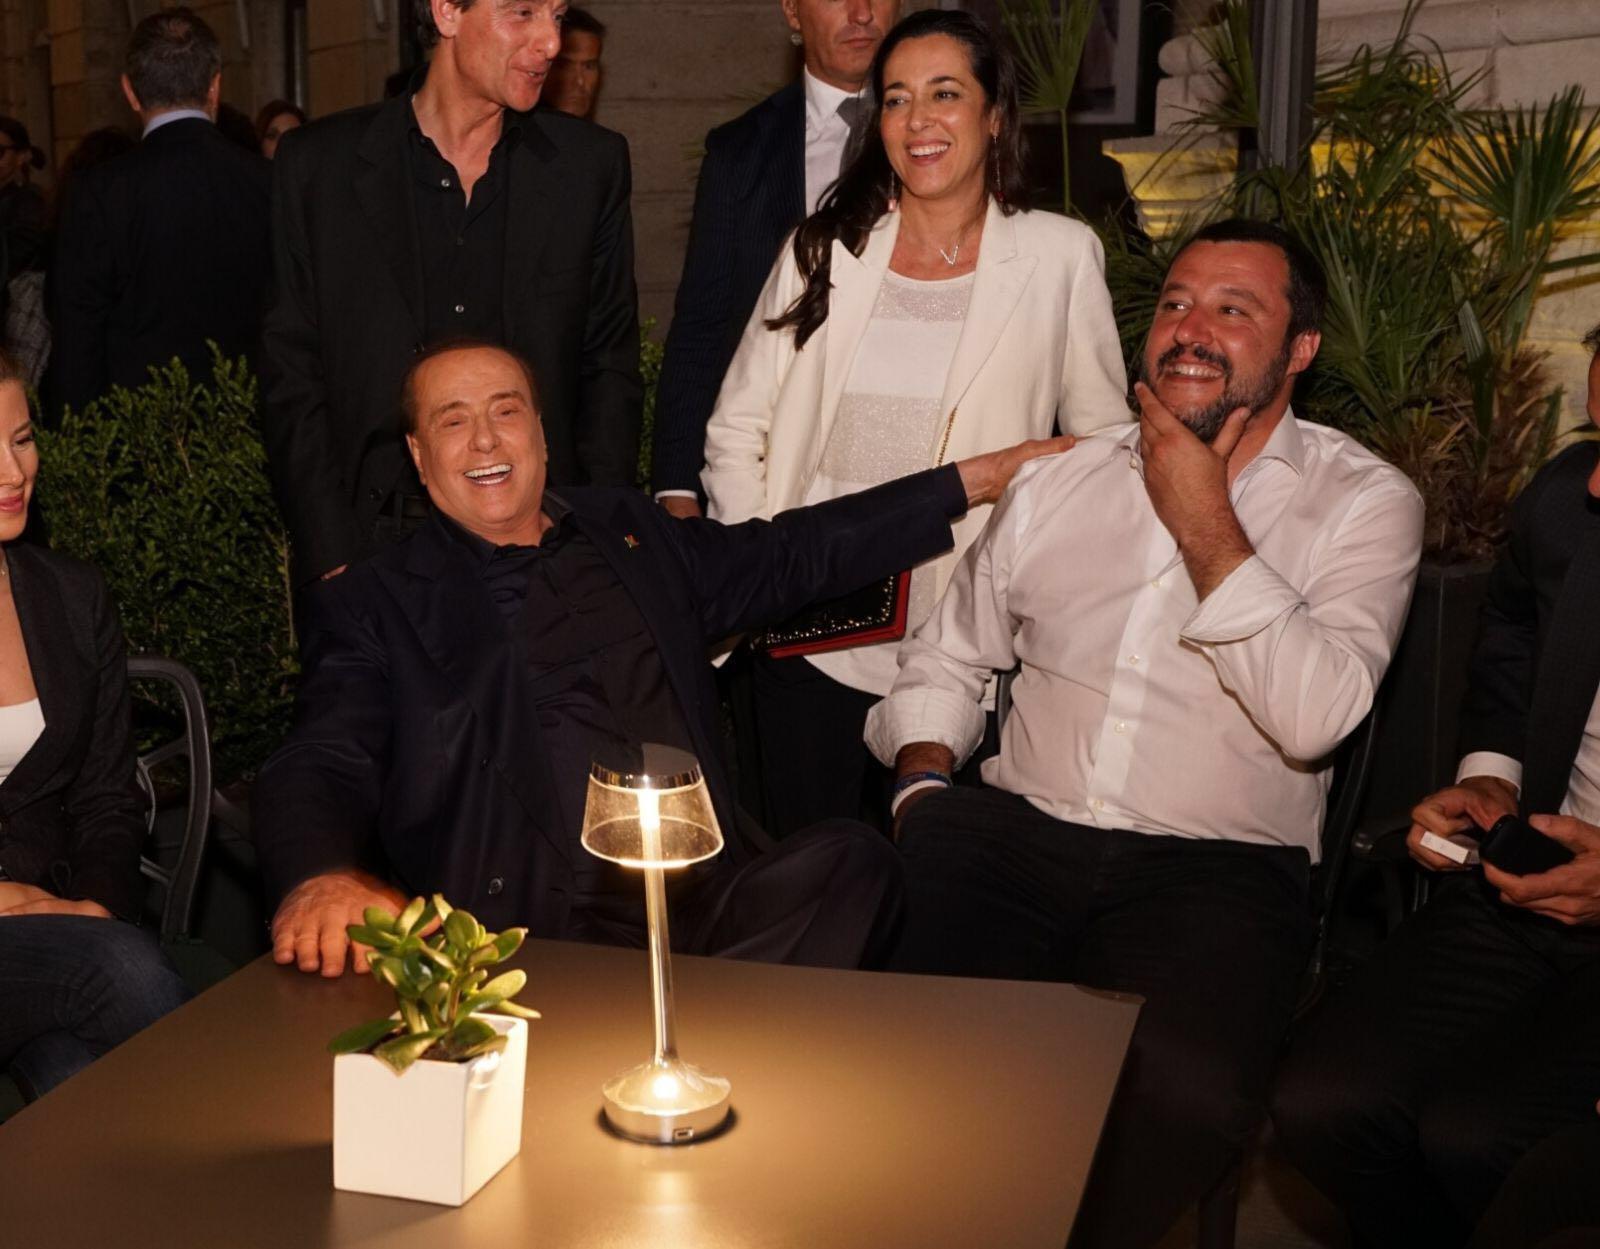 Berlusconi e Salvini, abbracci e risate a cena a Trieste